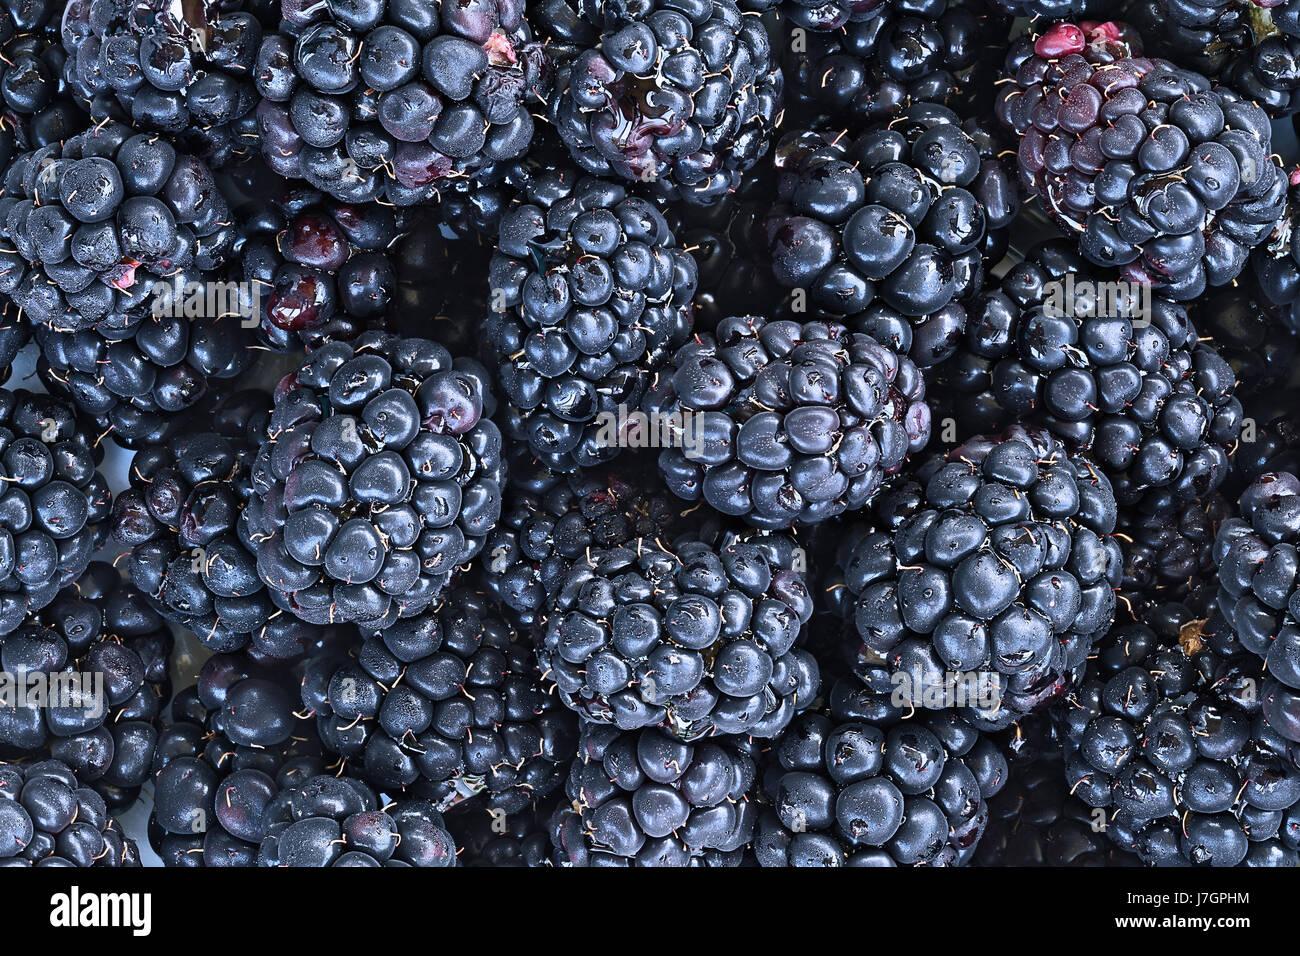 Antecedentes de fotograma completo de jugosas frutas blackberry raw. Imagen De Stock